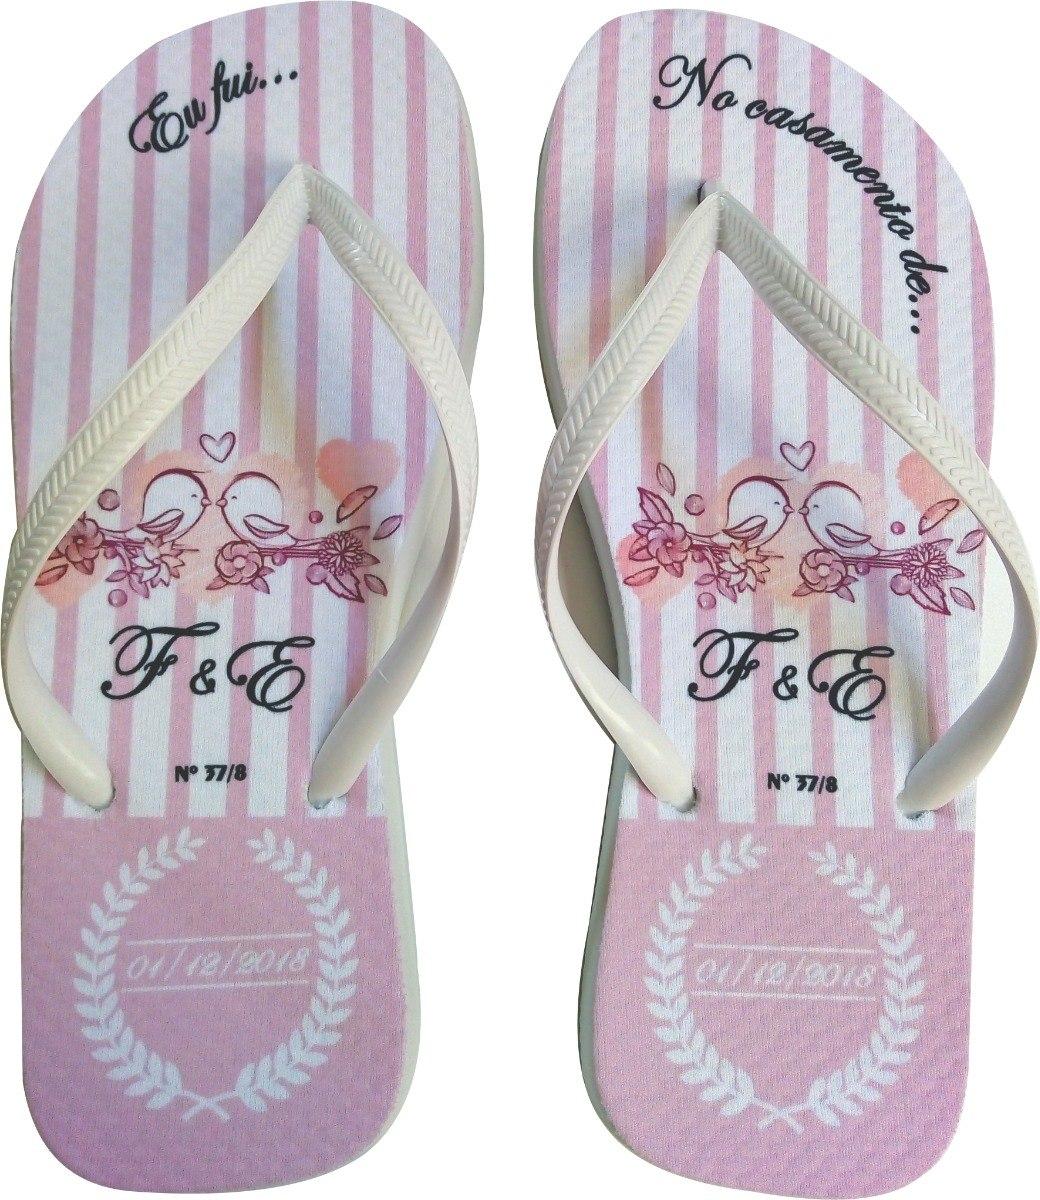 ed7af314ee 95 pares chinelos personalizados casamento + embalagens. Carregando zoom.